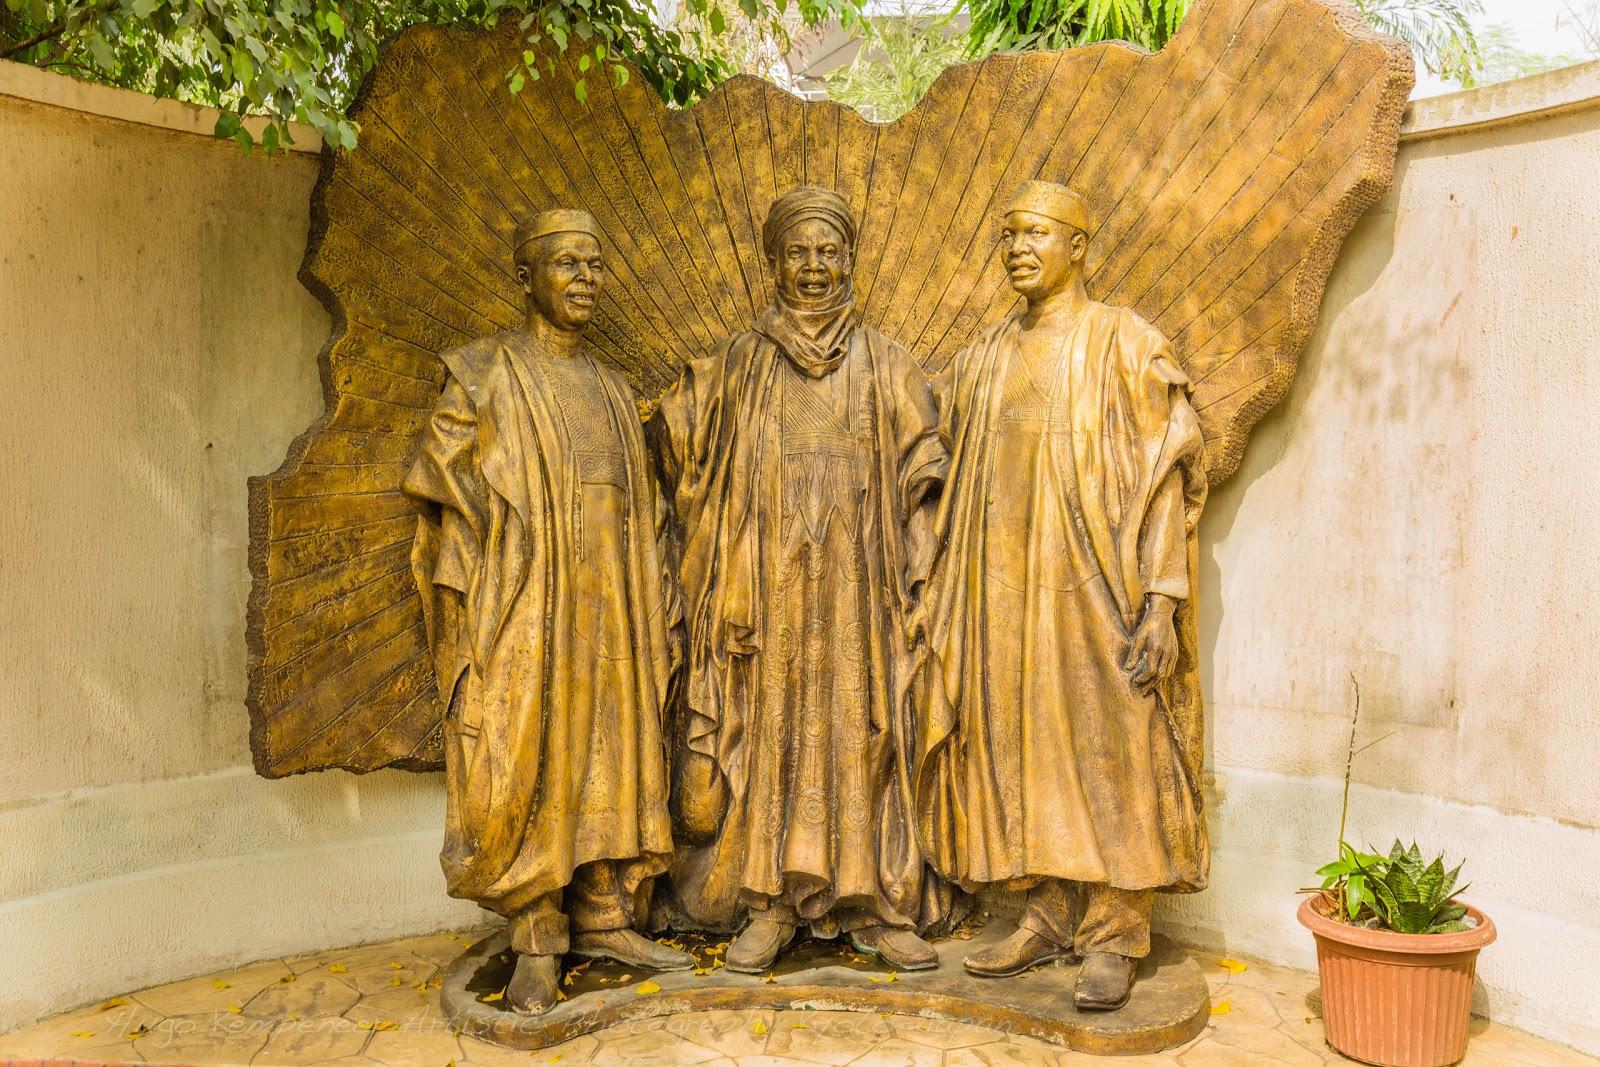 Lagos Memories | Top 5 Places to Visit in Lagos, Nigeria